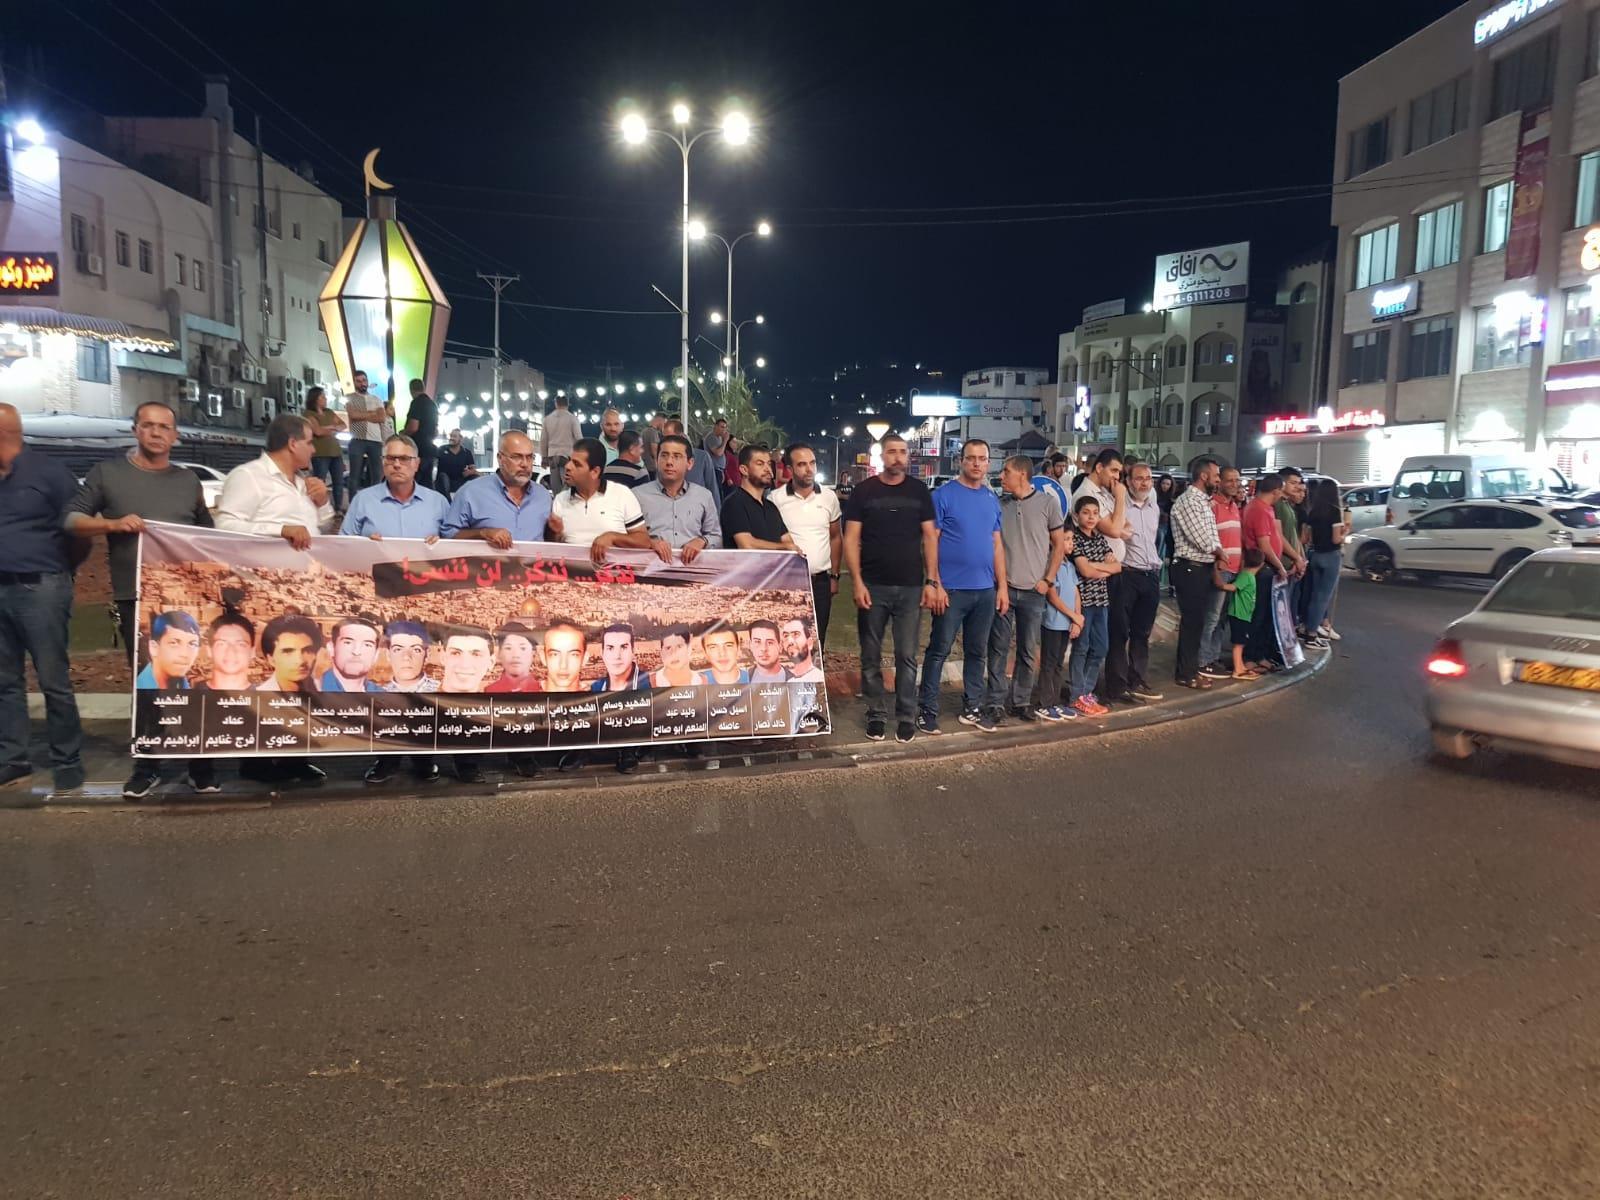 مسيرة في عرابة عشية الذكرى الـ19 لهبة القدس والأقصى